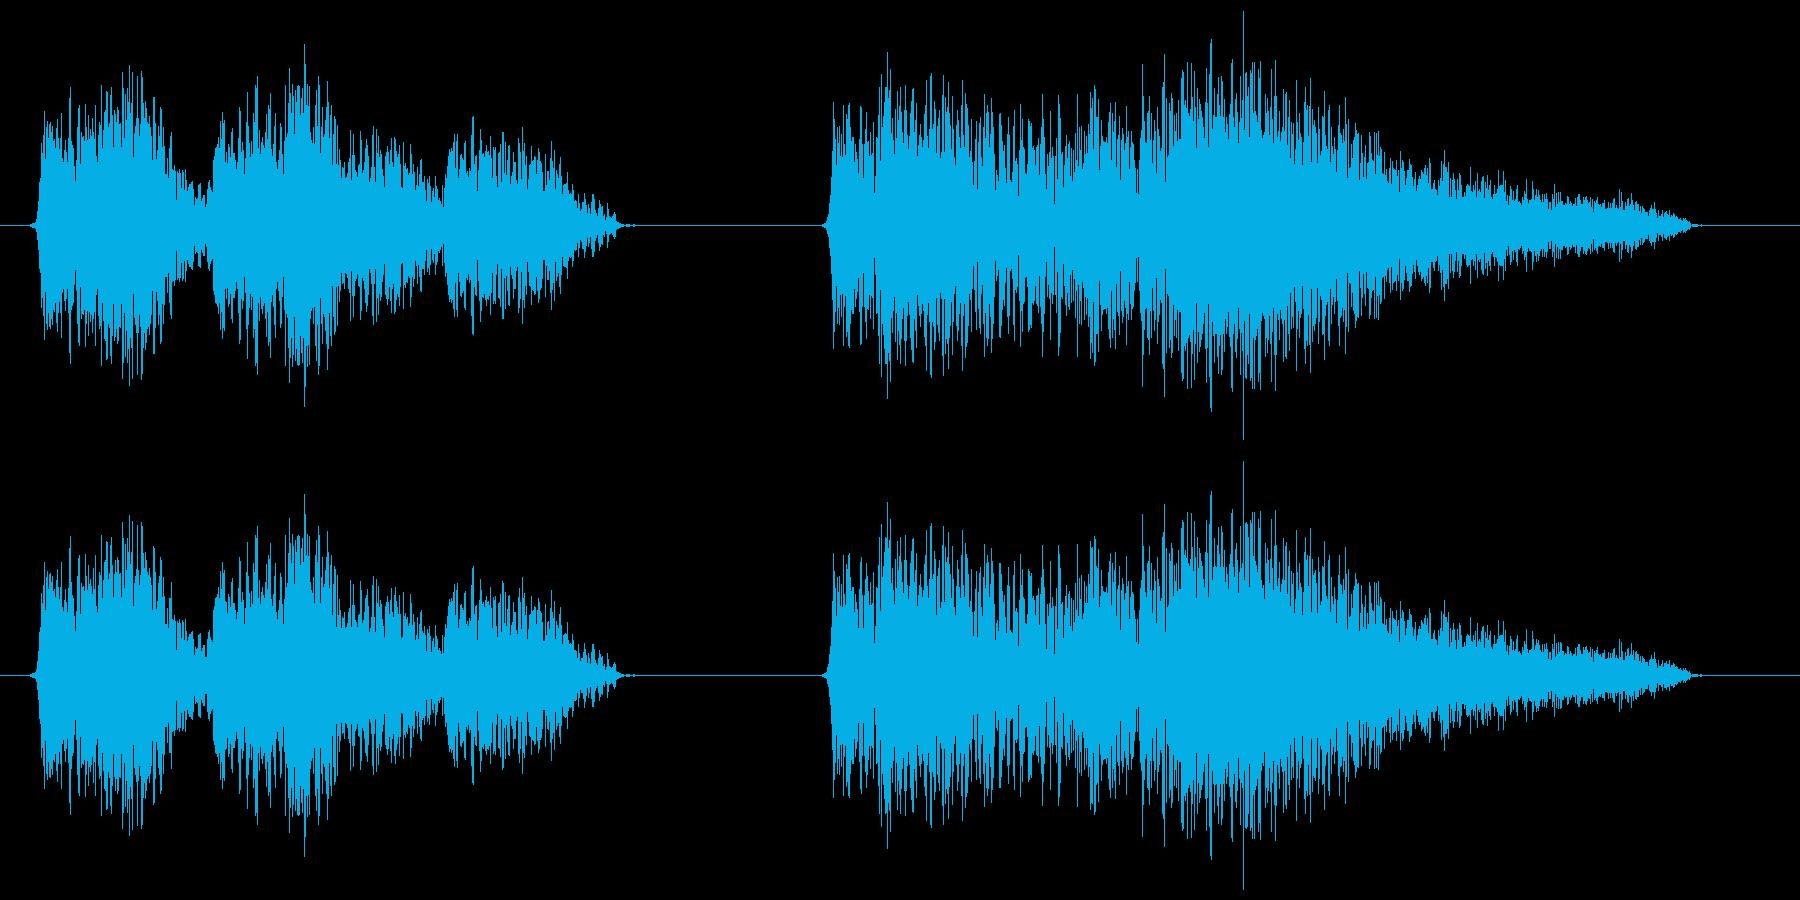 スチームパンク風の機械動作音の再生済みの波形